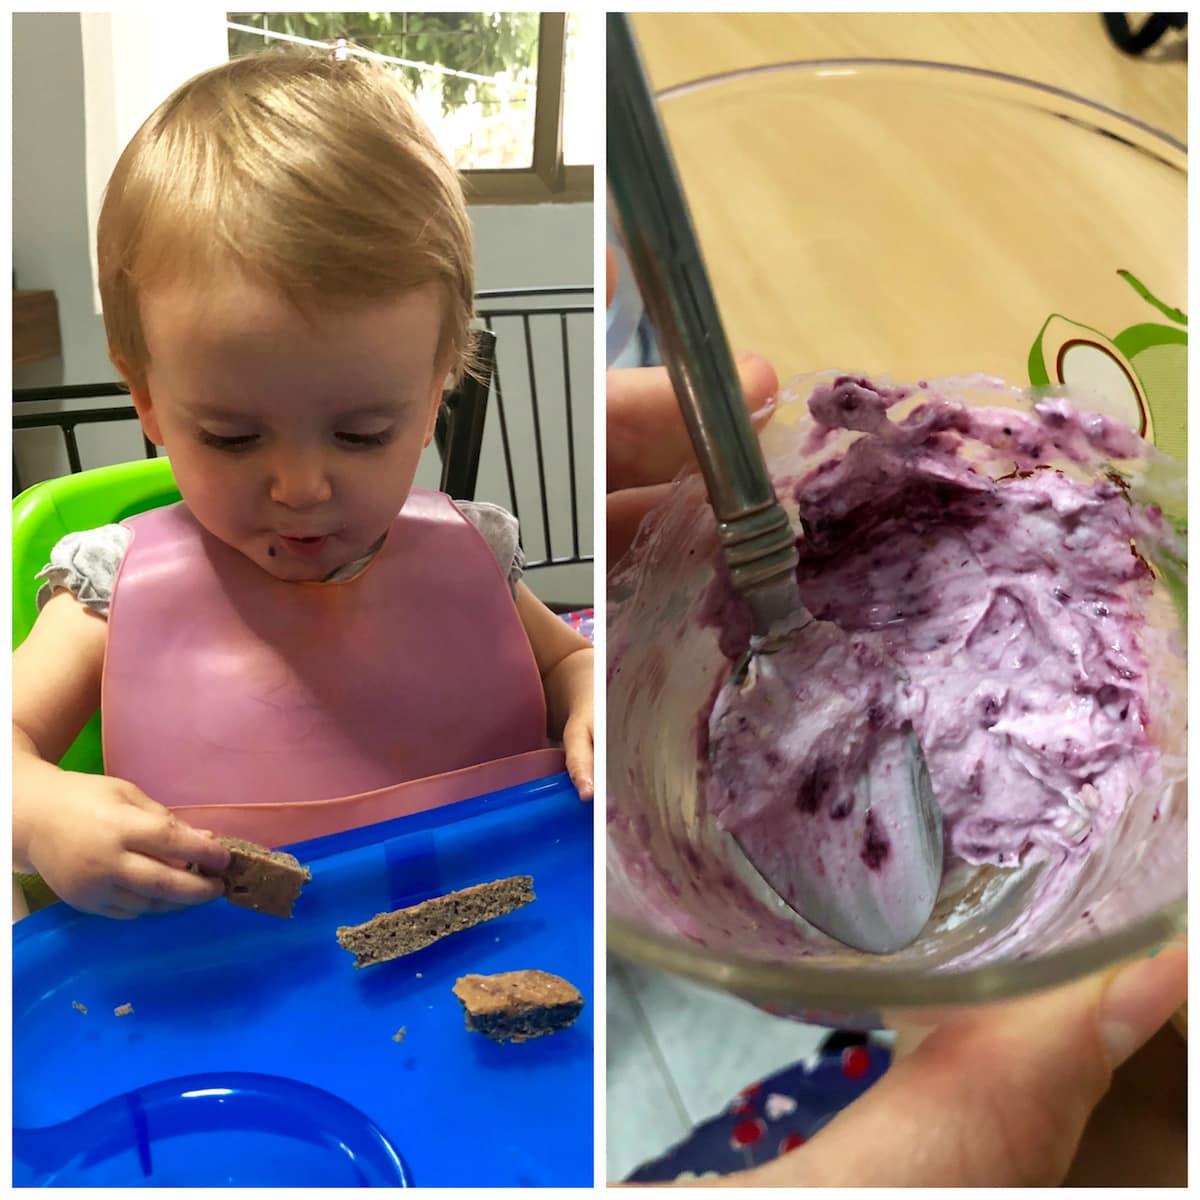 Vegan baby eating pancakes and yogurt